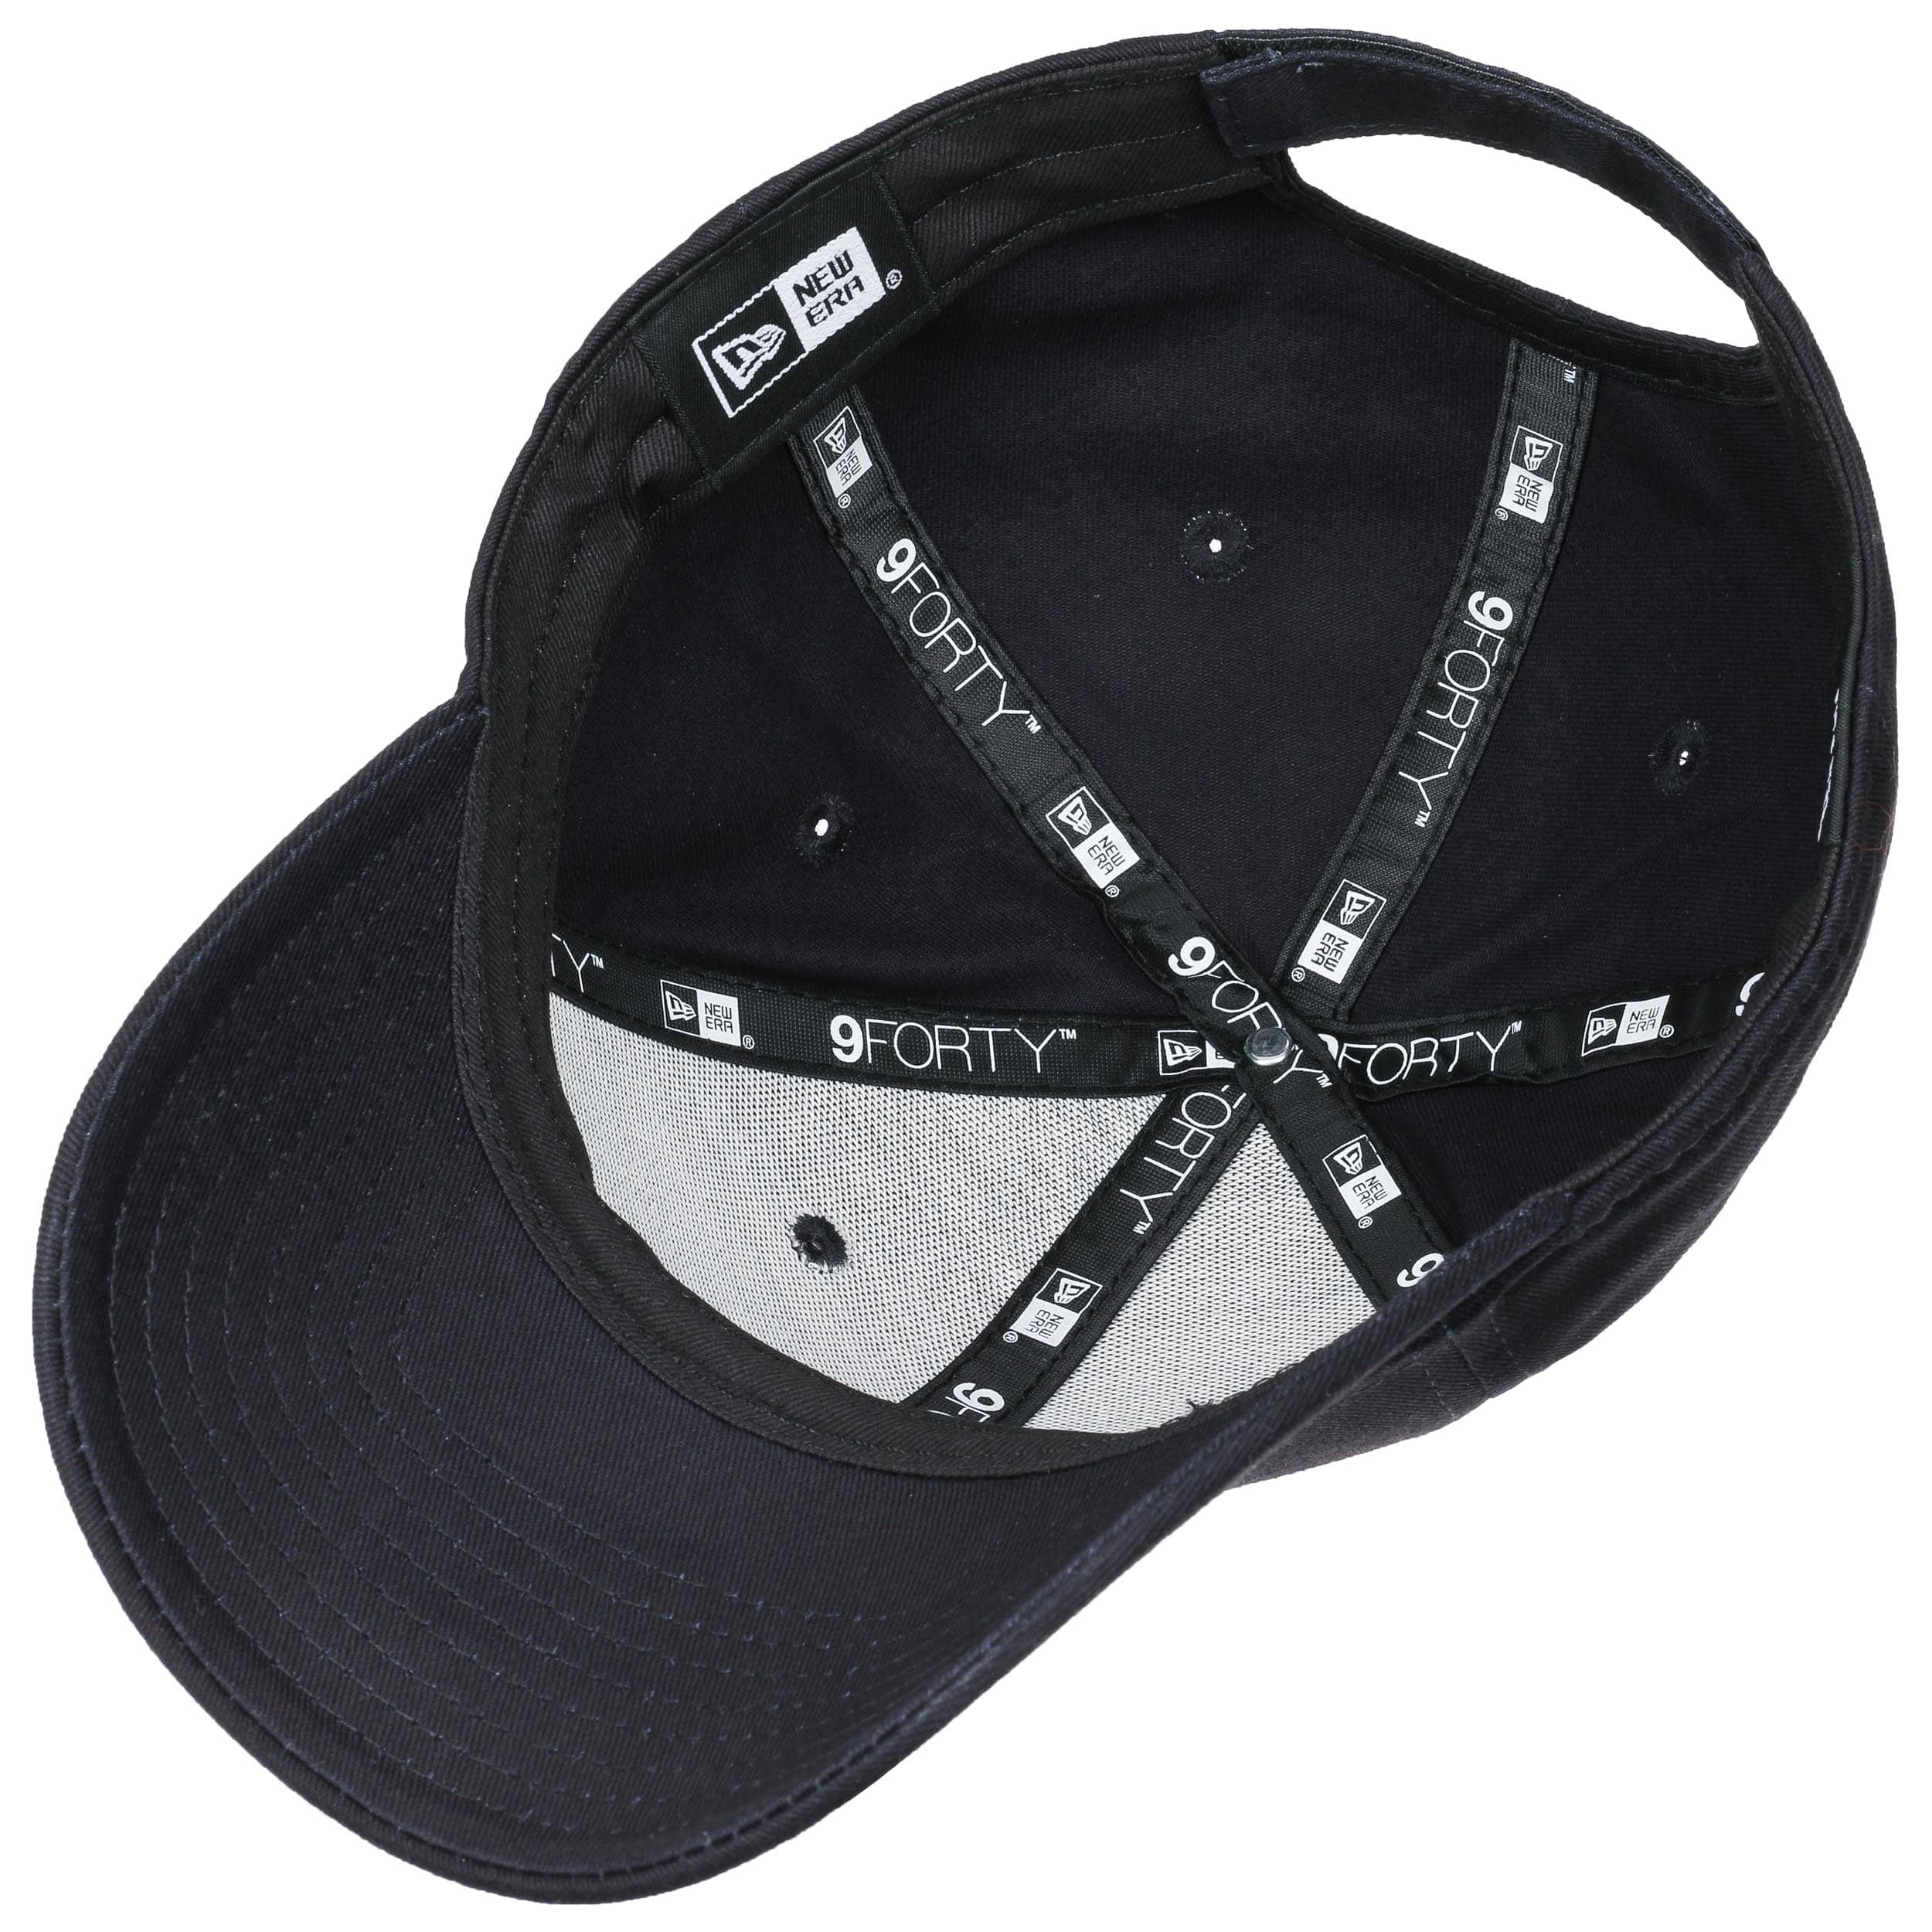 f0989c2e3f467 ... 9Forty Basic Strapback Cap by New Era - dark grey 2 ...